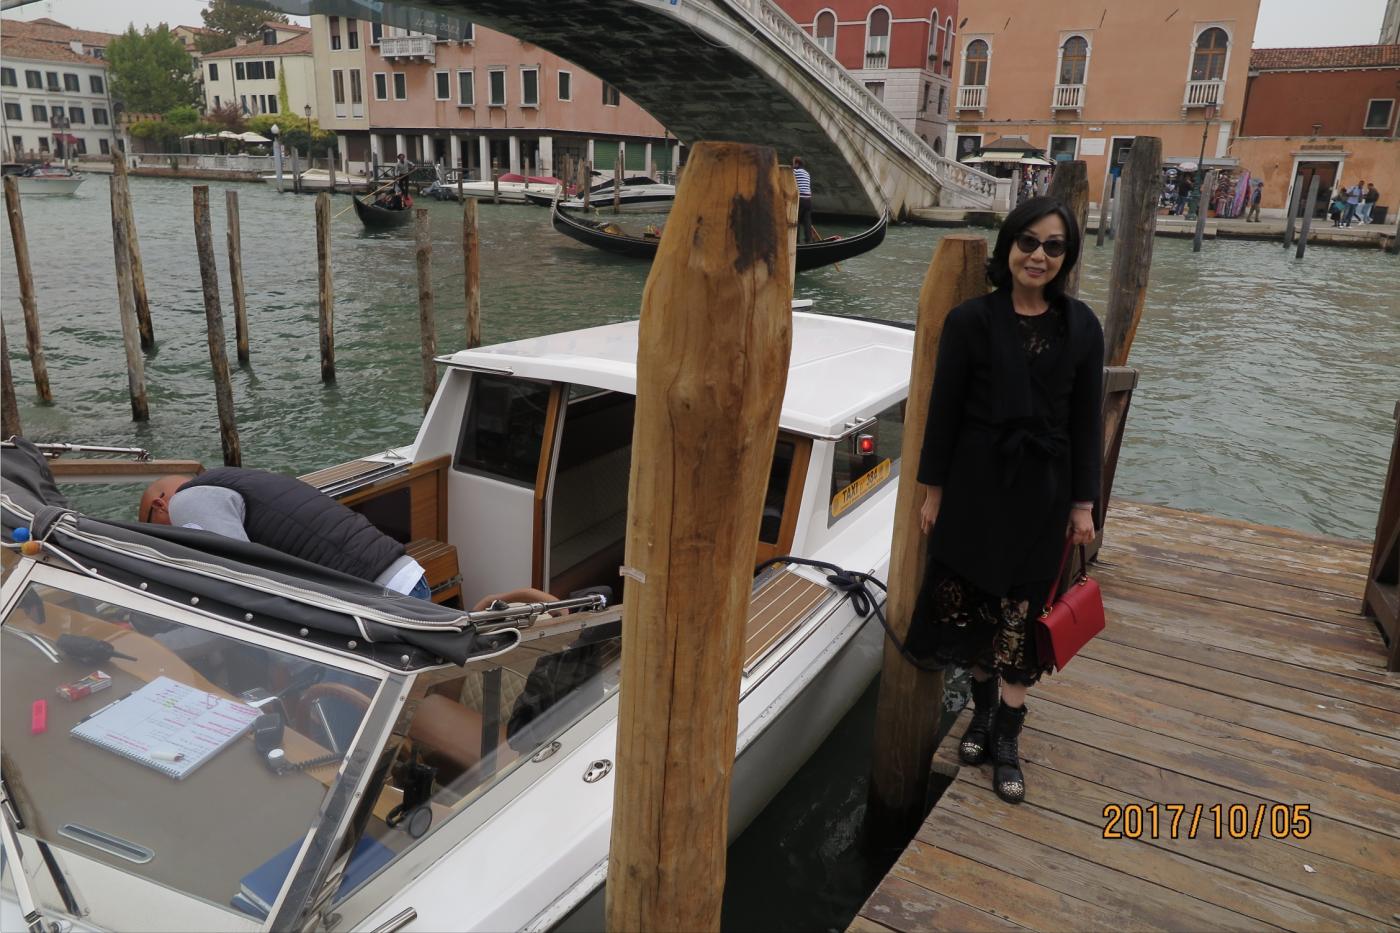 水乡威尼斯:无限的魅力永久的回忆_图1-11